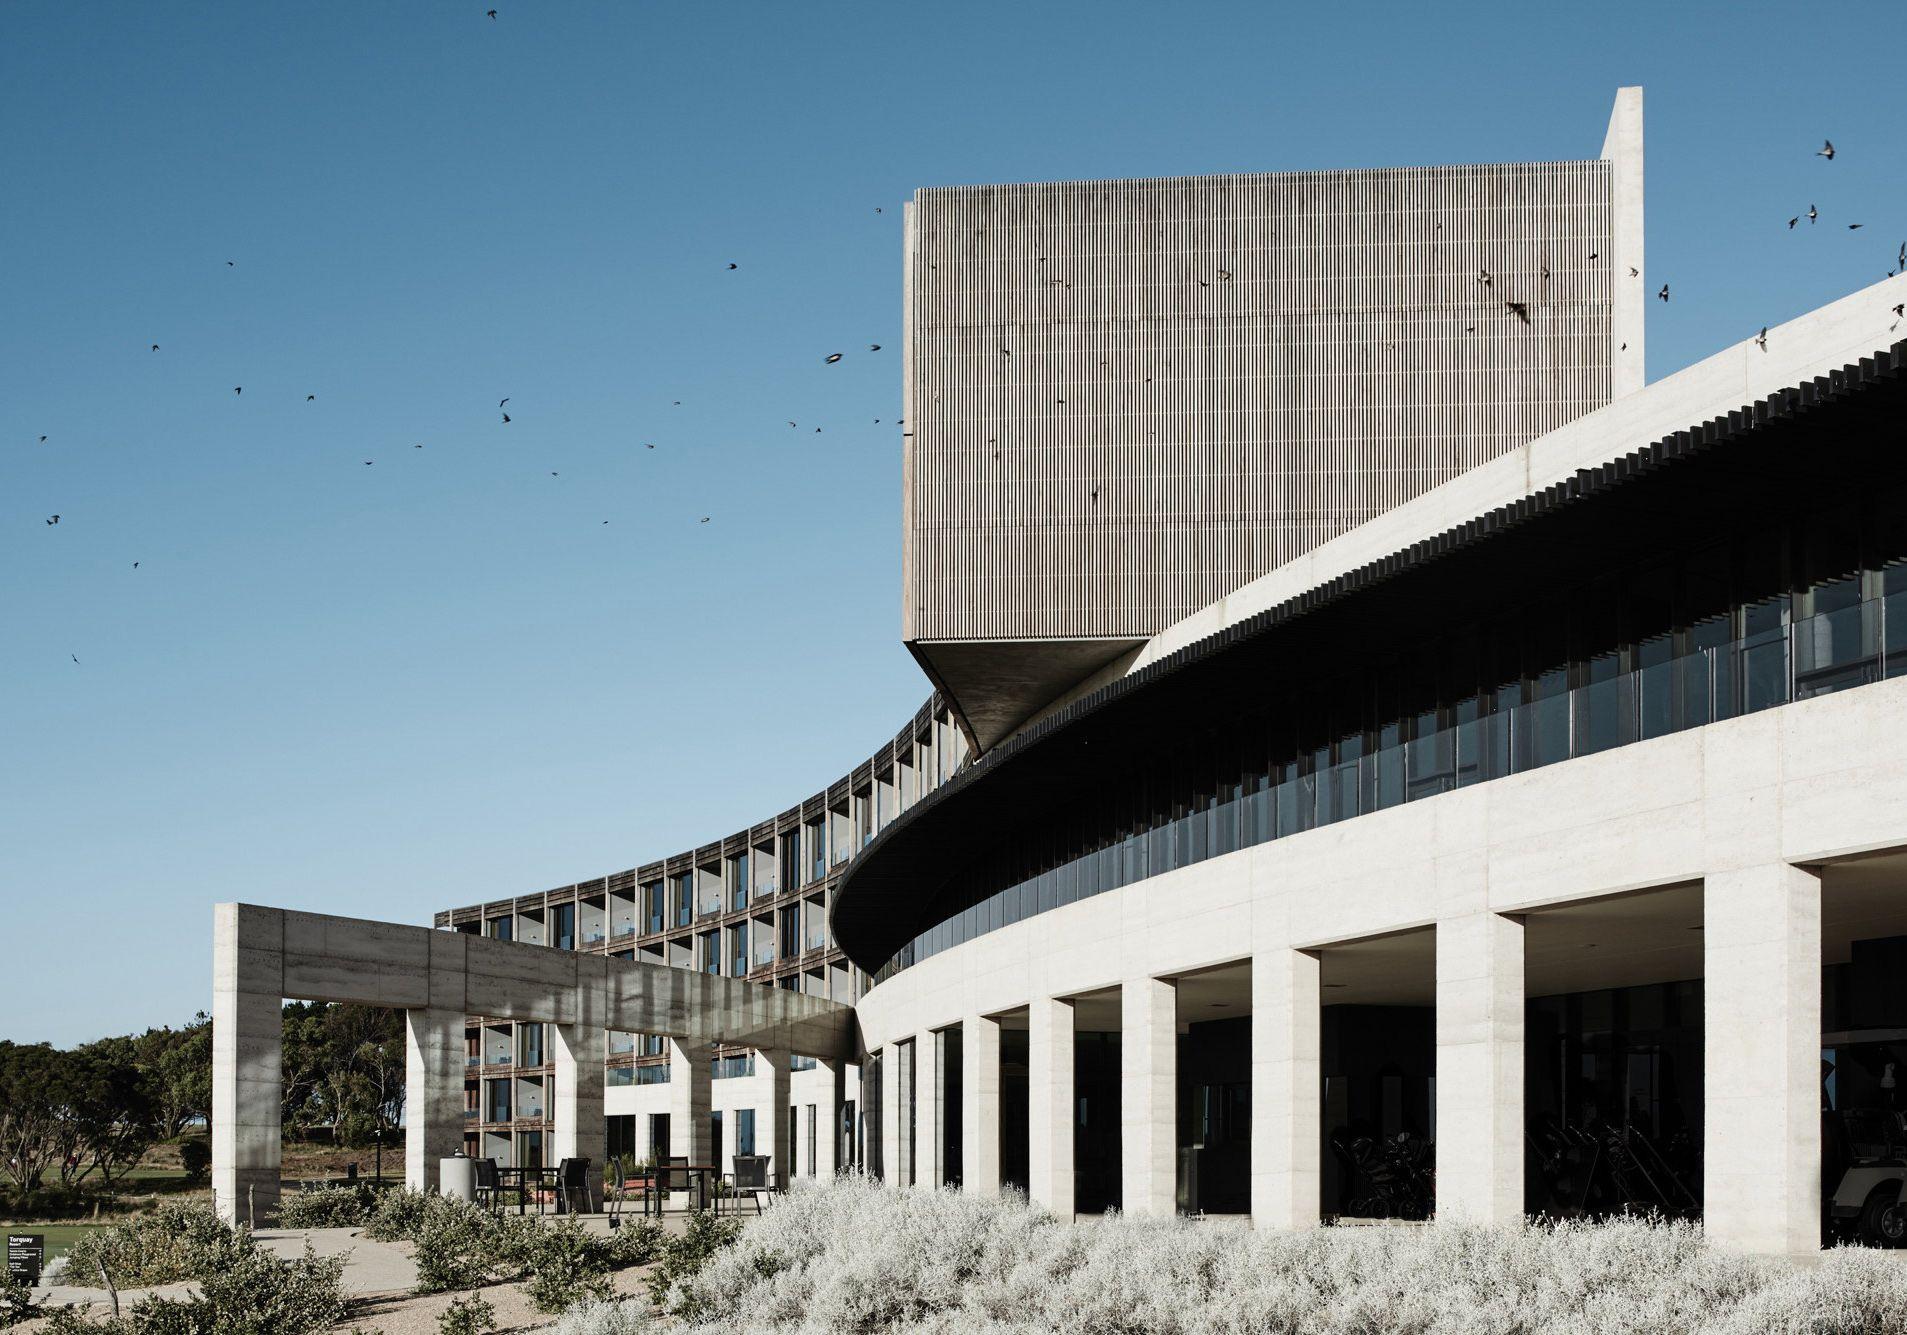 Hotel an der australischen Pazifikküste / Entspannt in Beton - Architektur und Architekten - News / Meldungen / Nachrichten - BauNetz.de